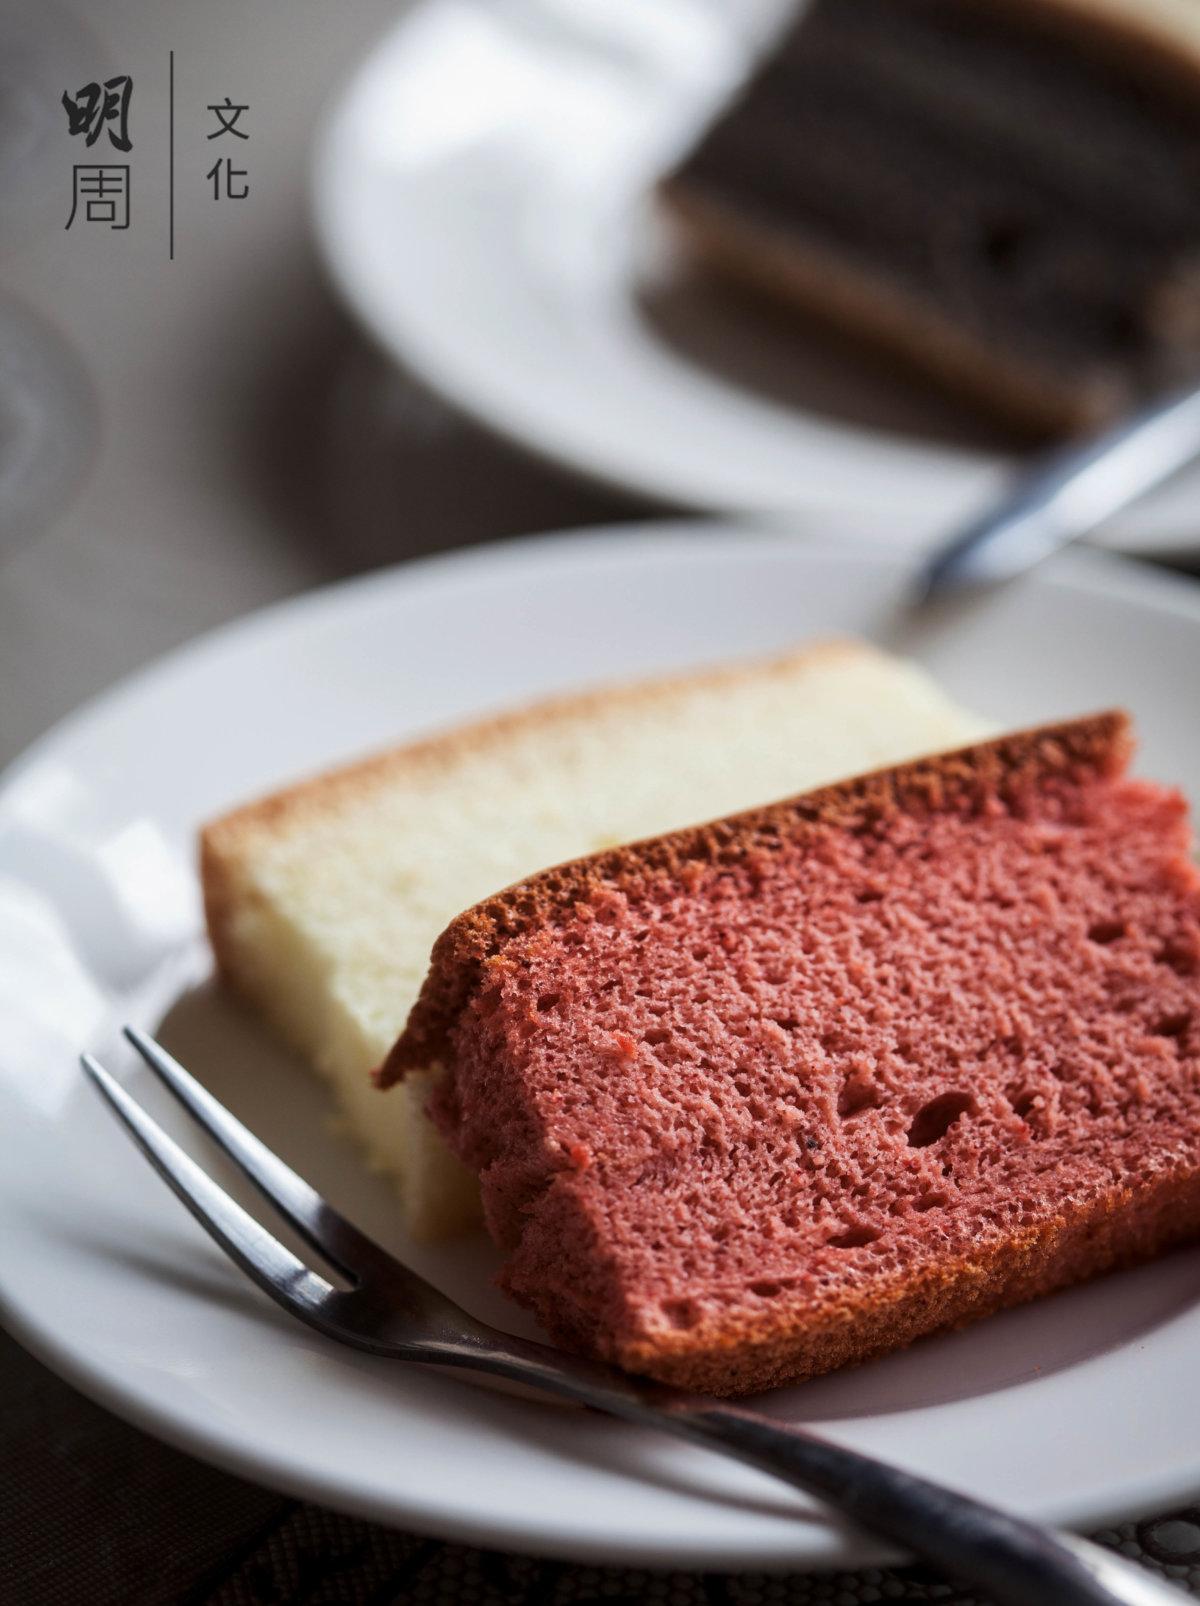 米蛋糕容易消化,吃起來沒有太大負擔。